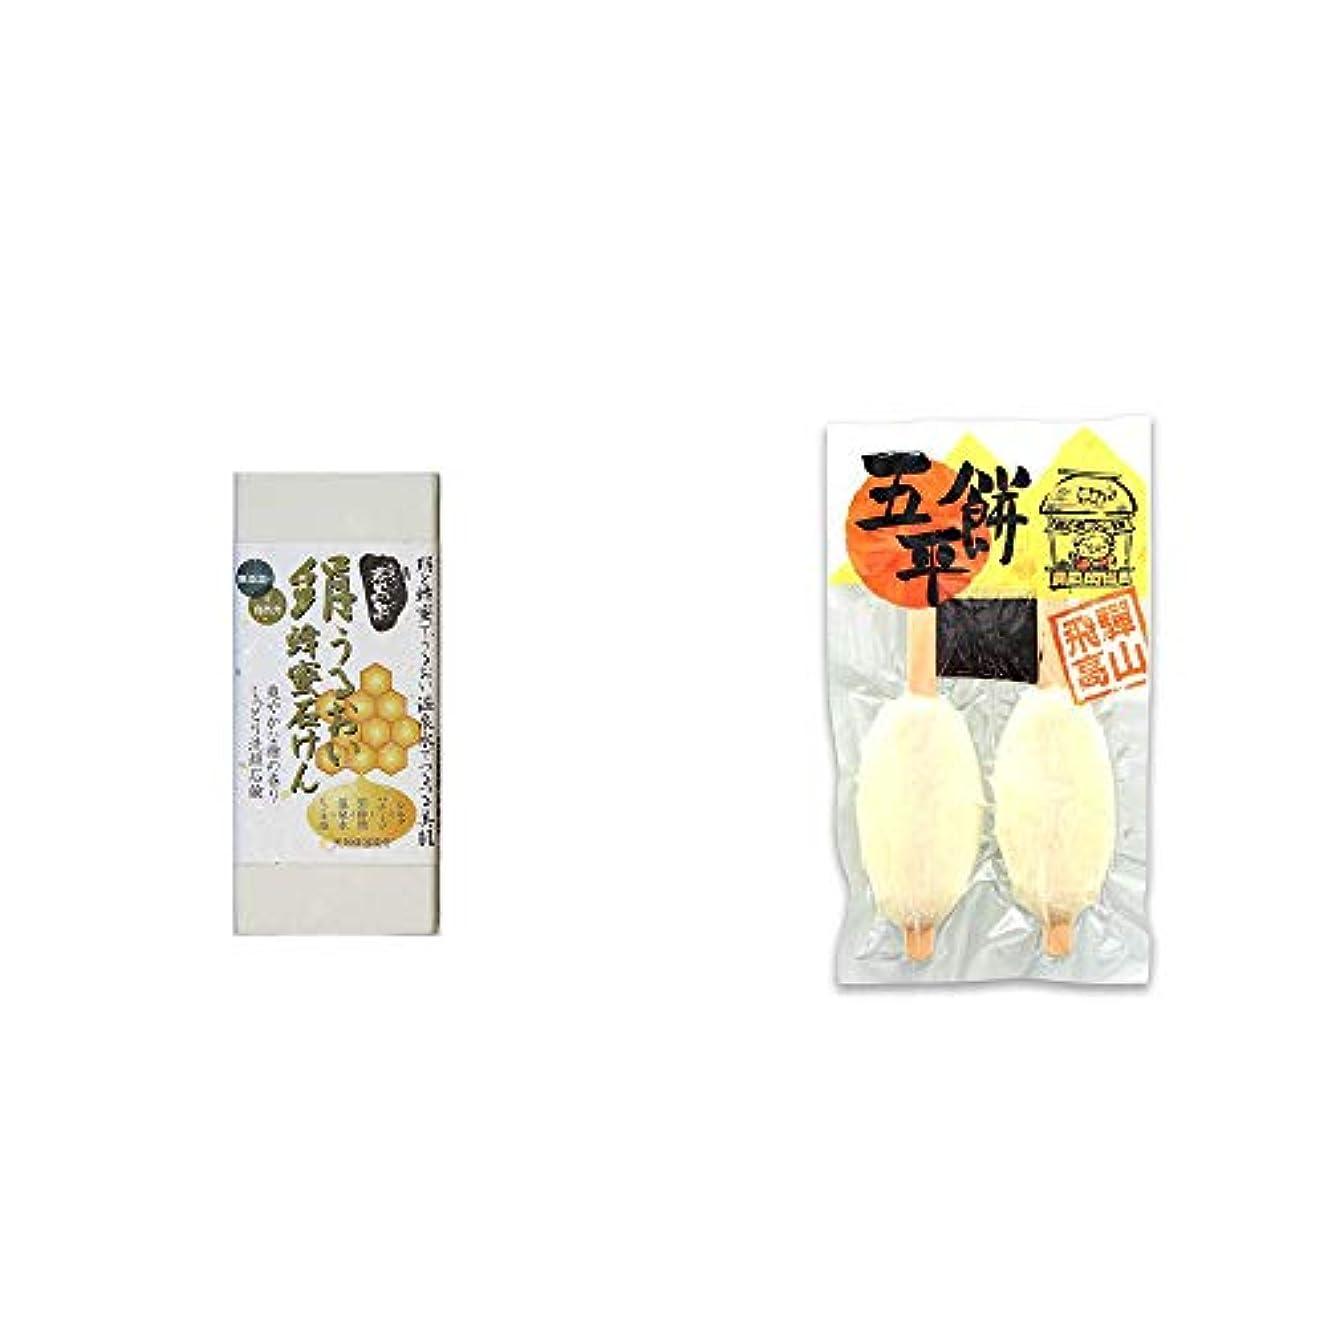 眠っている認めるディスカウント[2点セット] ひのき炭黒泉 絹うるおい蜂蜜石けん(75g×2)?飛騨高山 木や 五平餅(2本入)